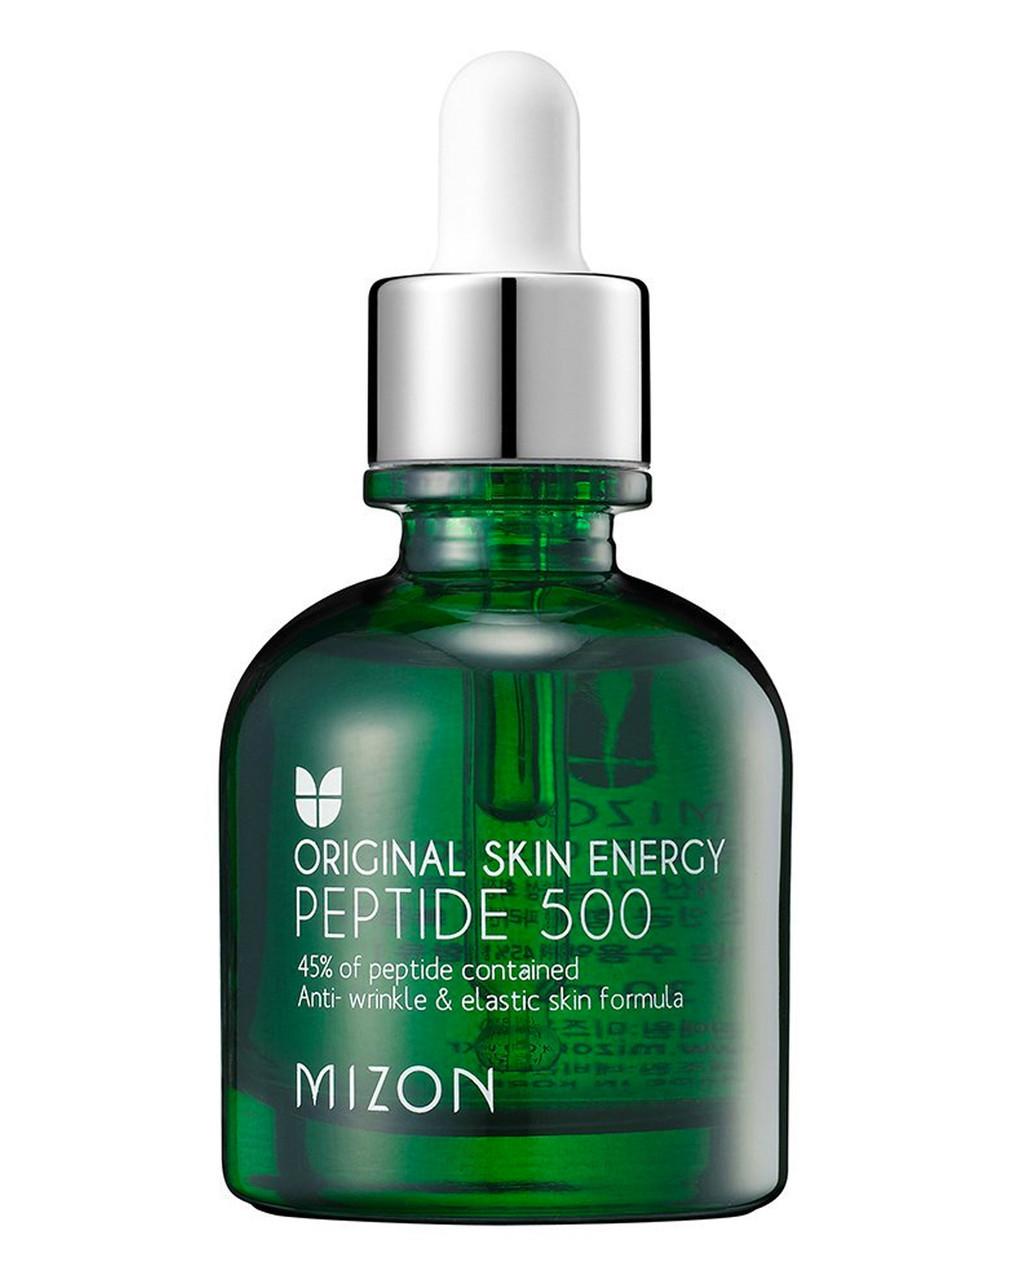 Пептидная сыворотка Mizon Original Skin Energy Peptide 500 - 30 мл